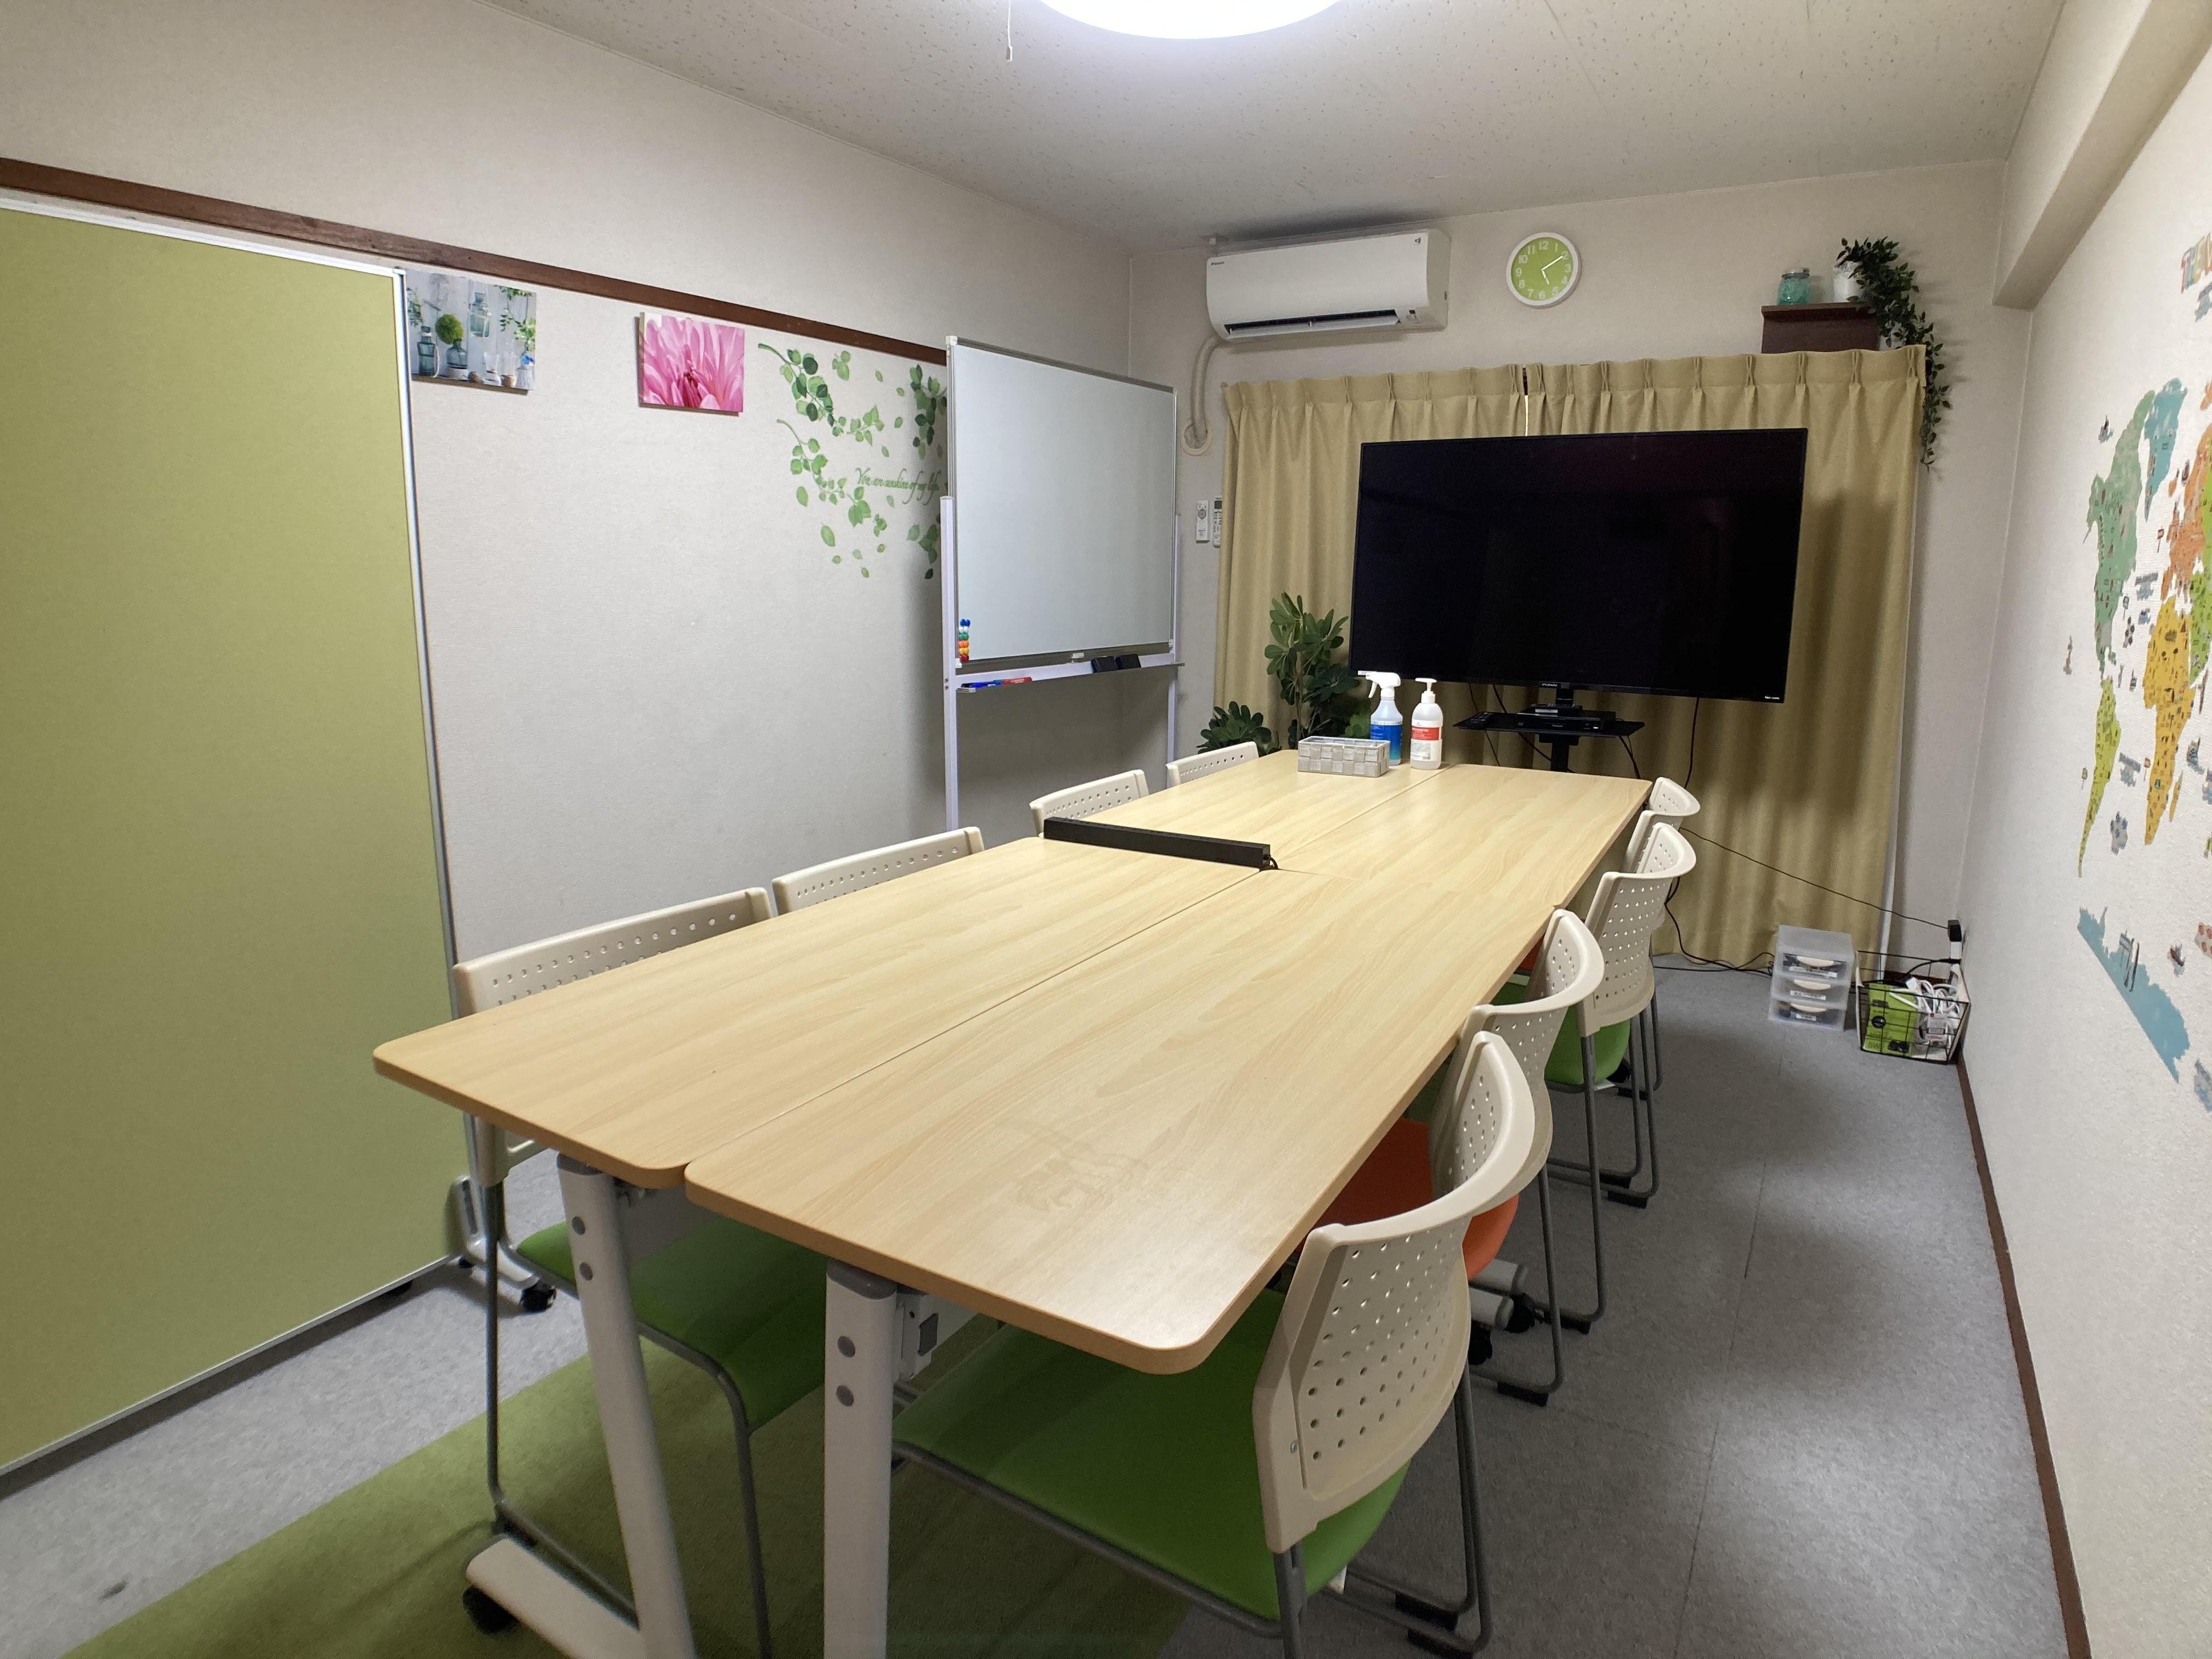 8名様までのミーティング用基本レイアウトです。 - レンタル会議室 としょかんのうら 貸会議室 レンタルスペースの室内の写真